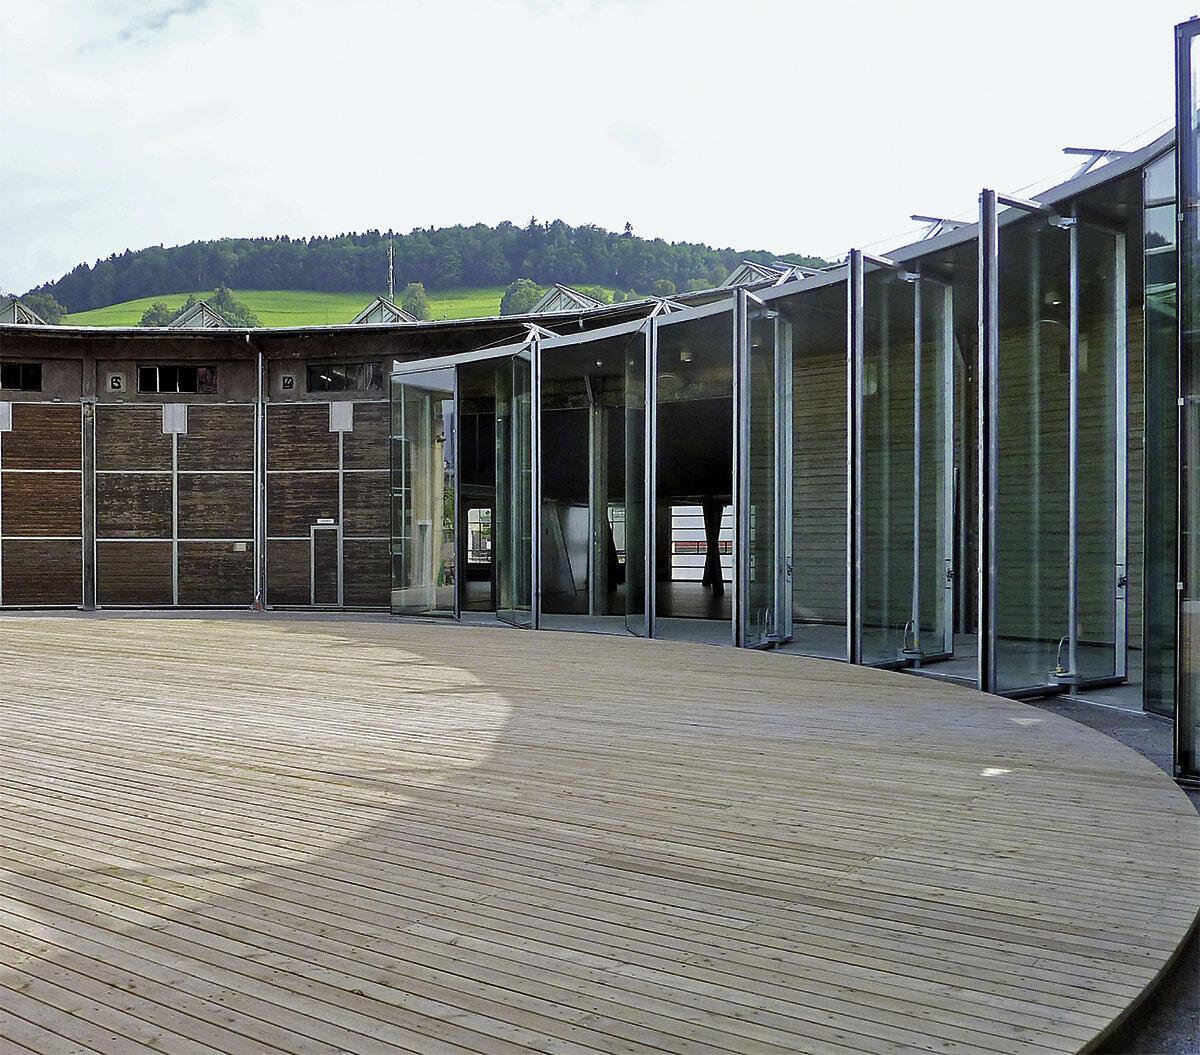 Lokremise St. Gallen: Rotunde mit der neuen Eingangsfront und dem Holzdeck, unter dem das alte Drehkreuz verborgen liegt.